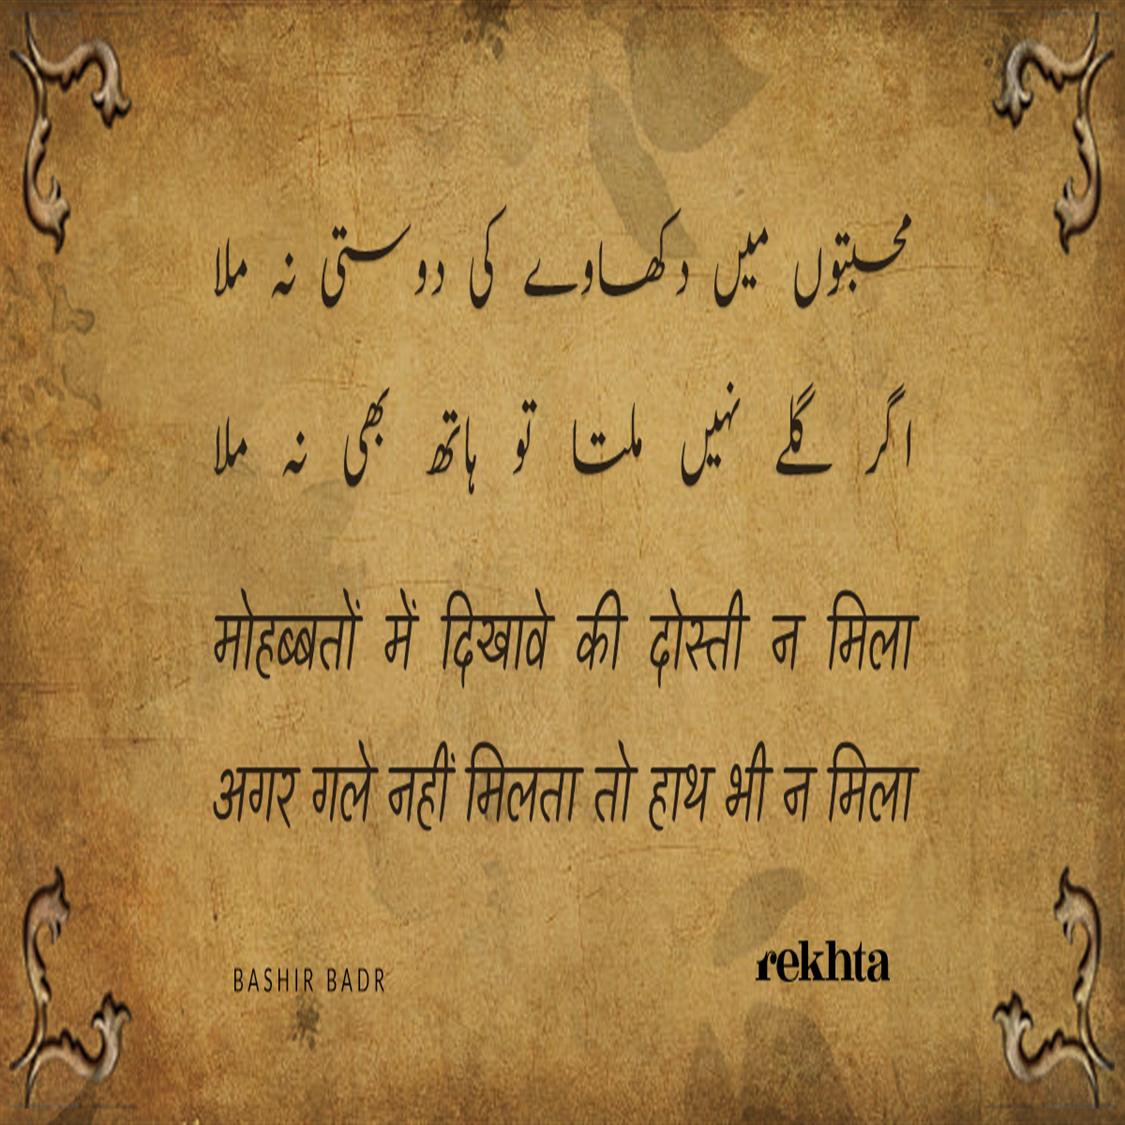 mohabbato.n me.n dikhaave kii dostii na milaa-Zafar Iqbal